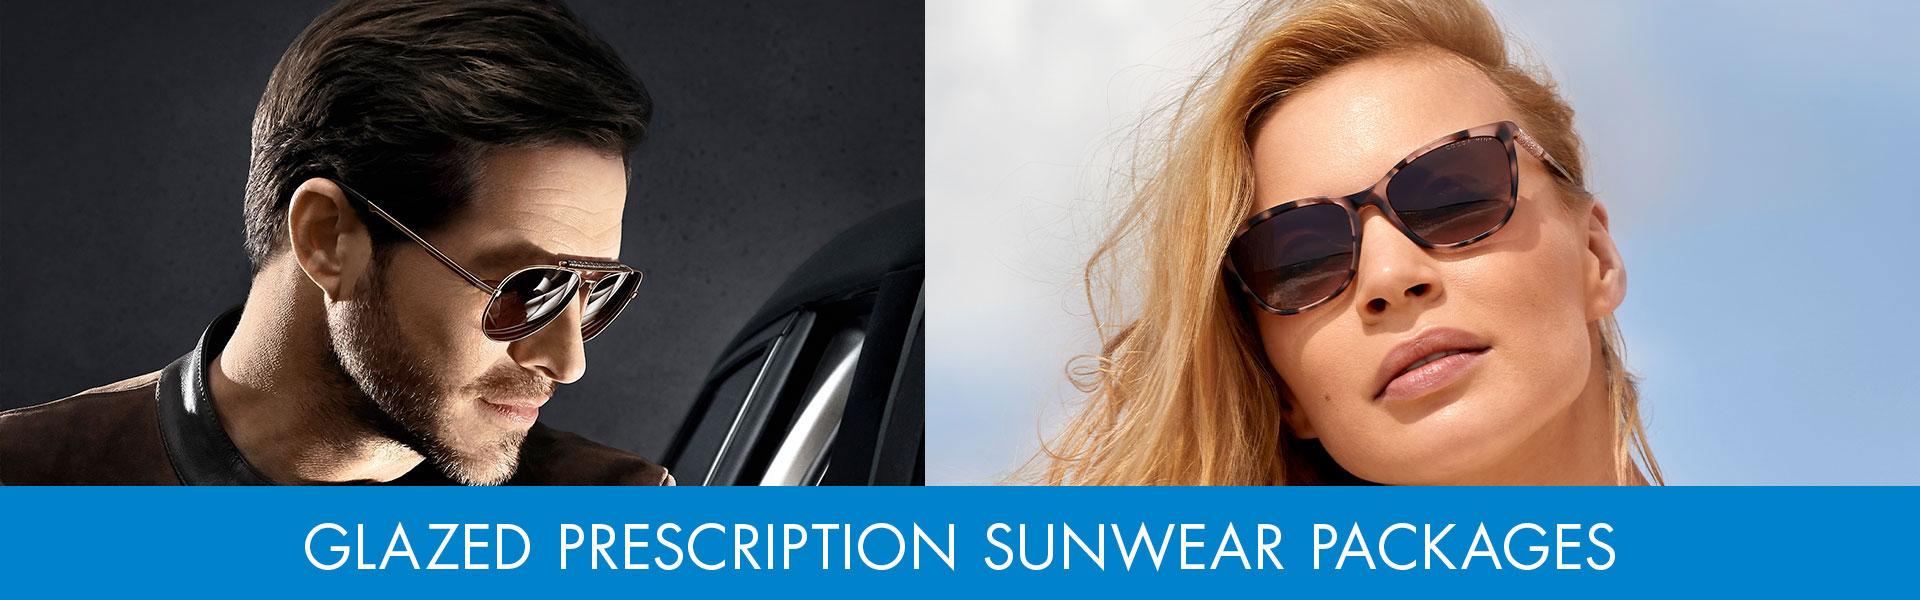 Prescription Sunwear Packages 2020 - Optimum RX Lens Specialists